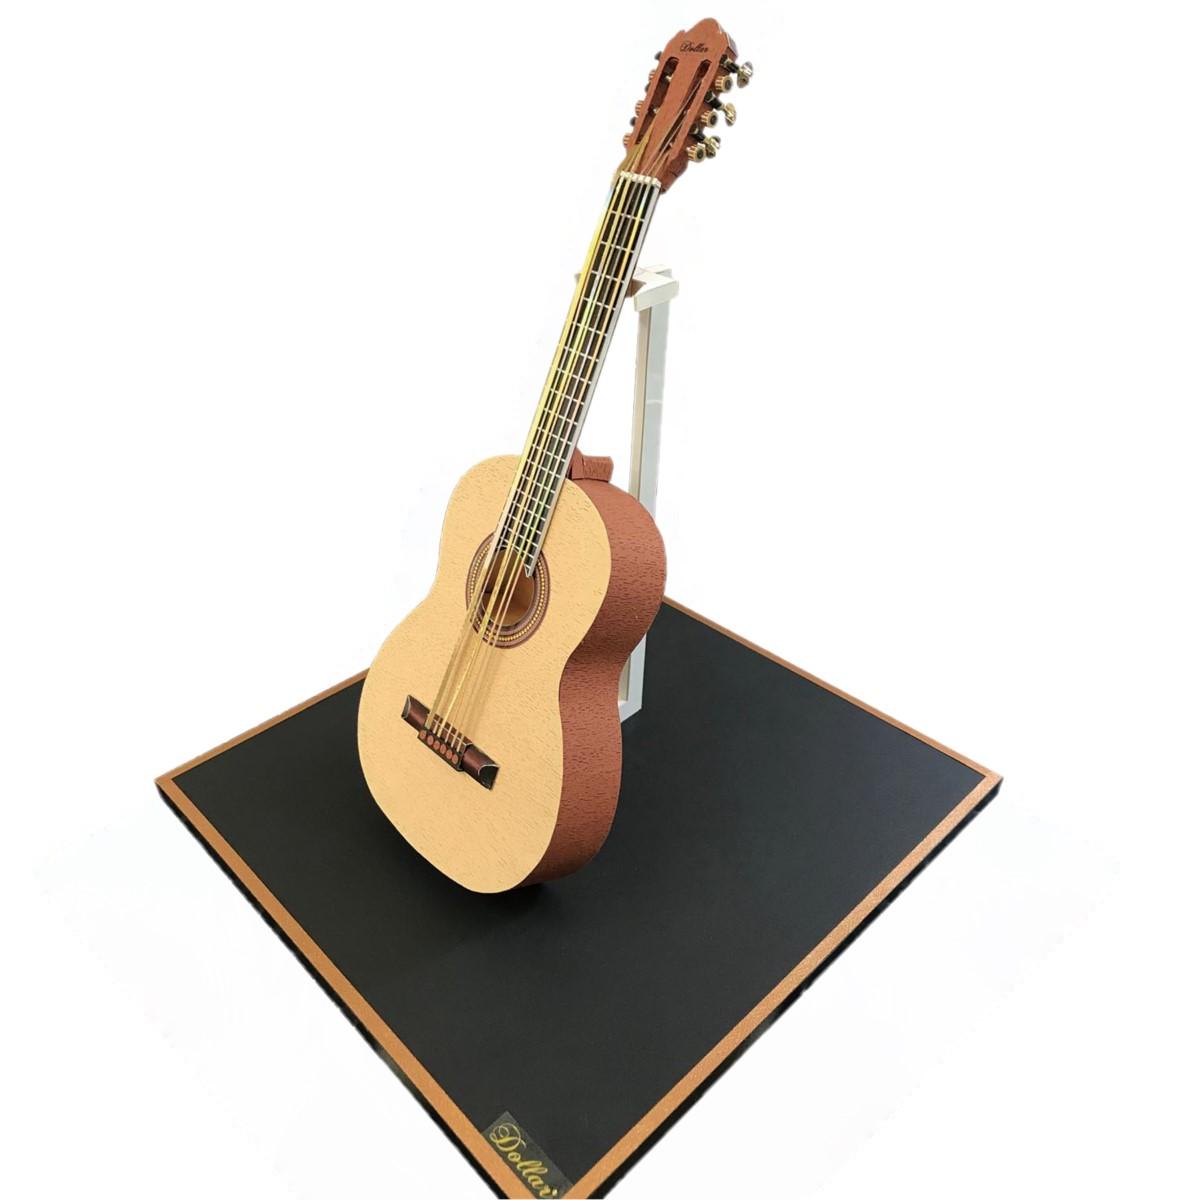 民謠木吉他一把